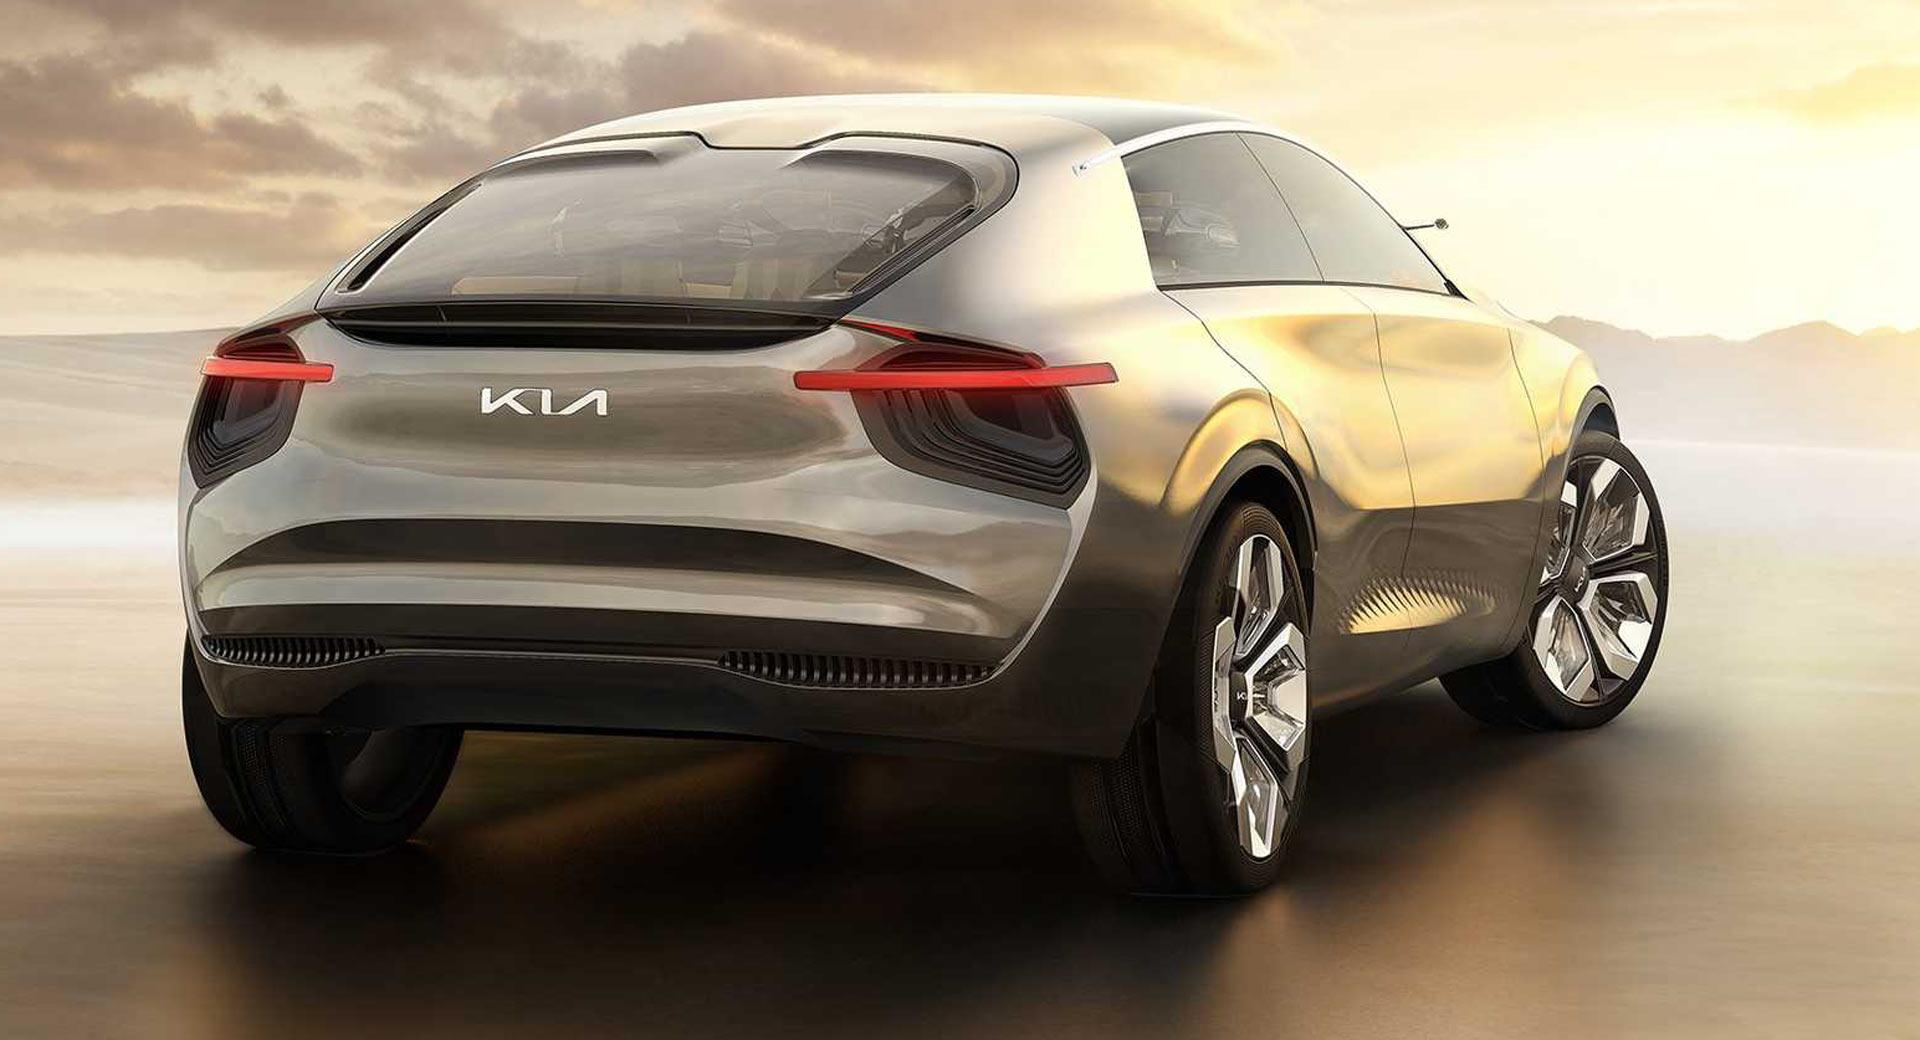 Kia vai exibir novo logótipo no final do ano juntamente com um novo modelo